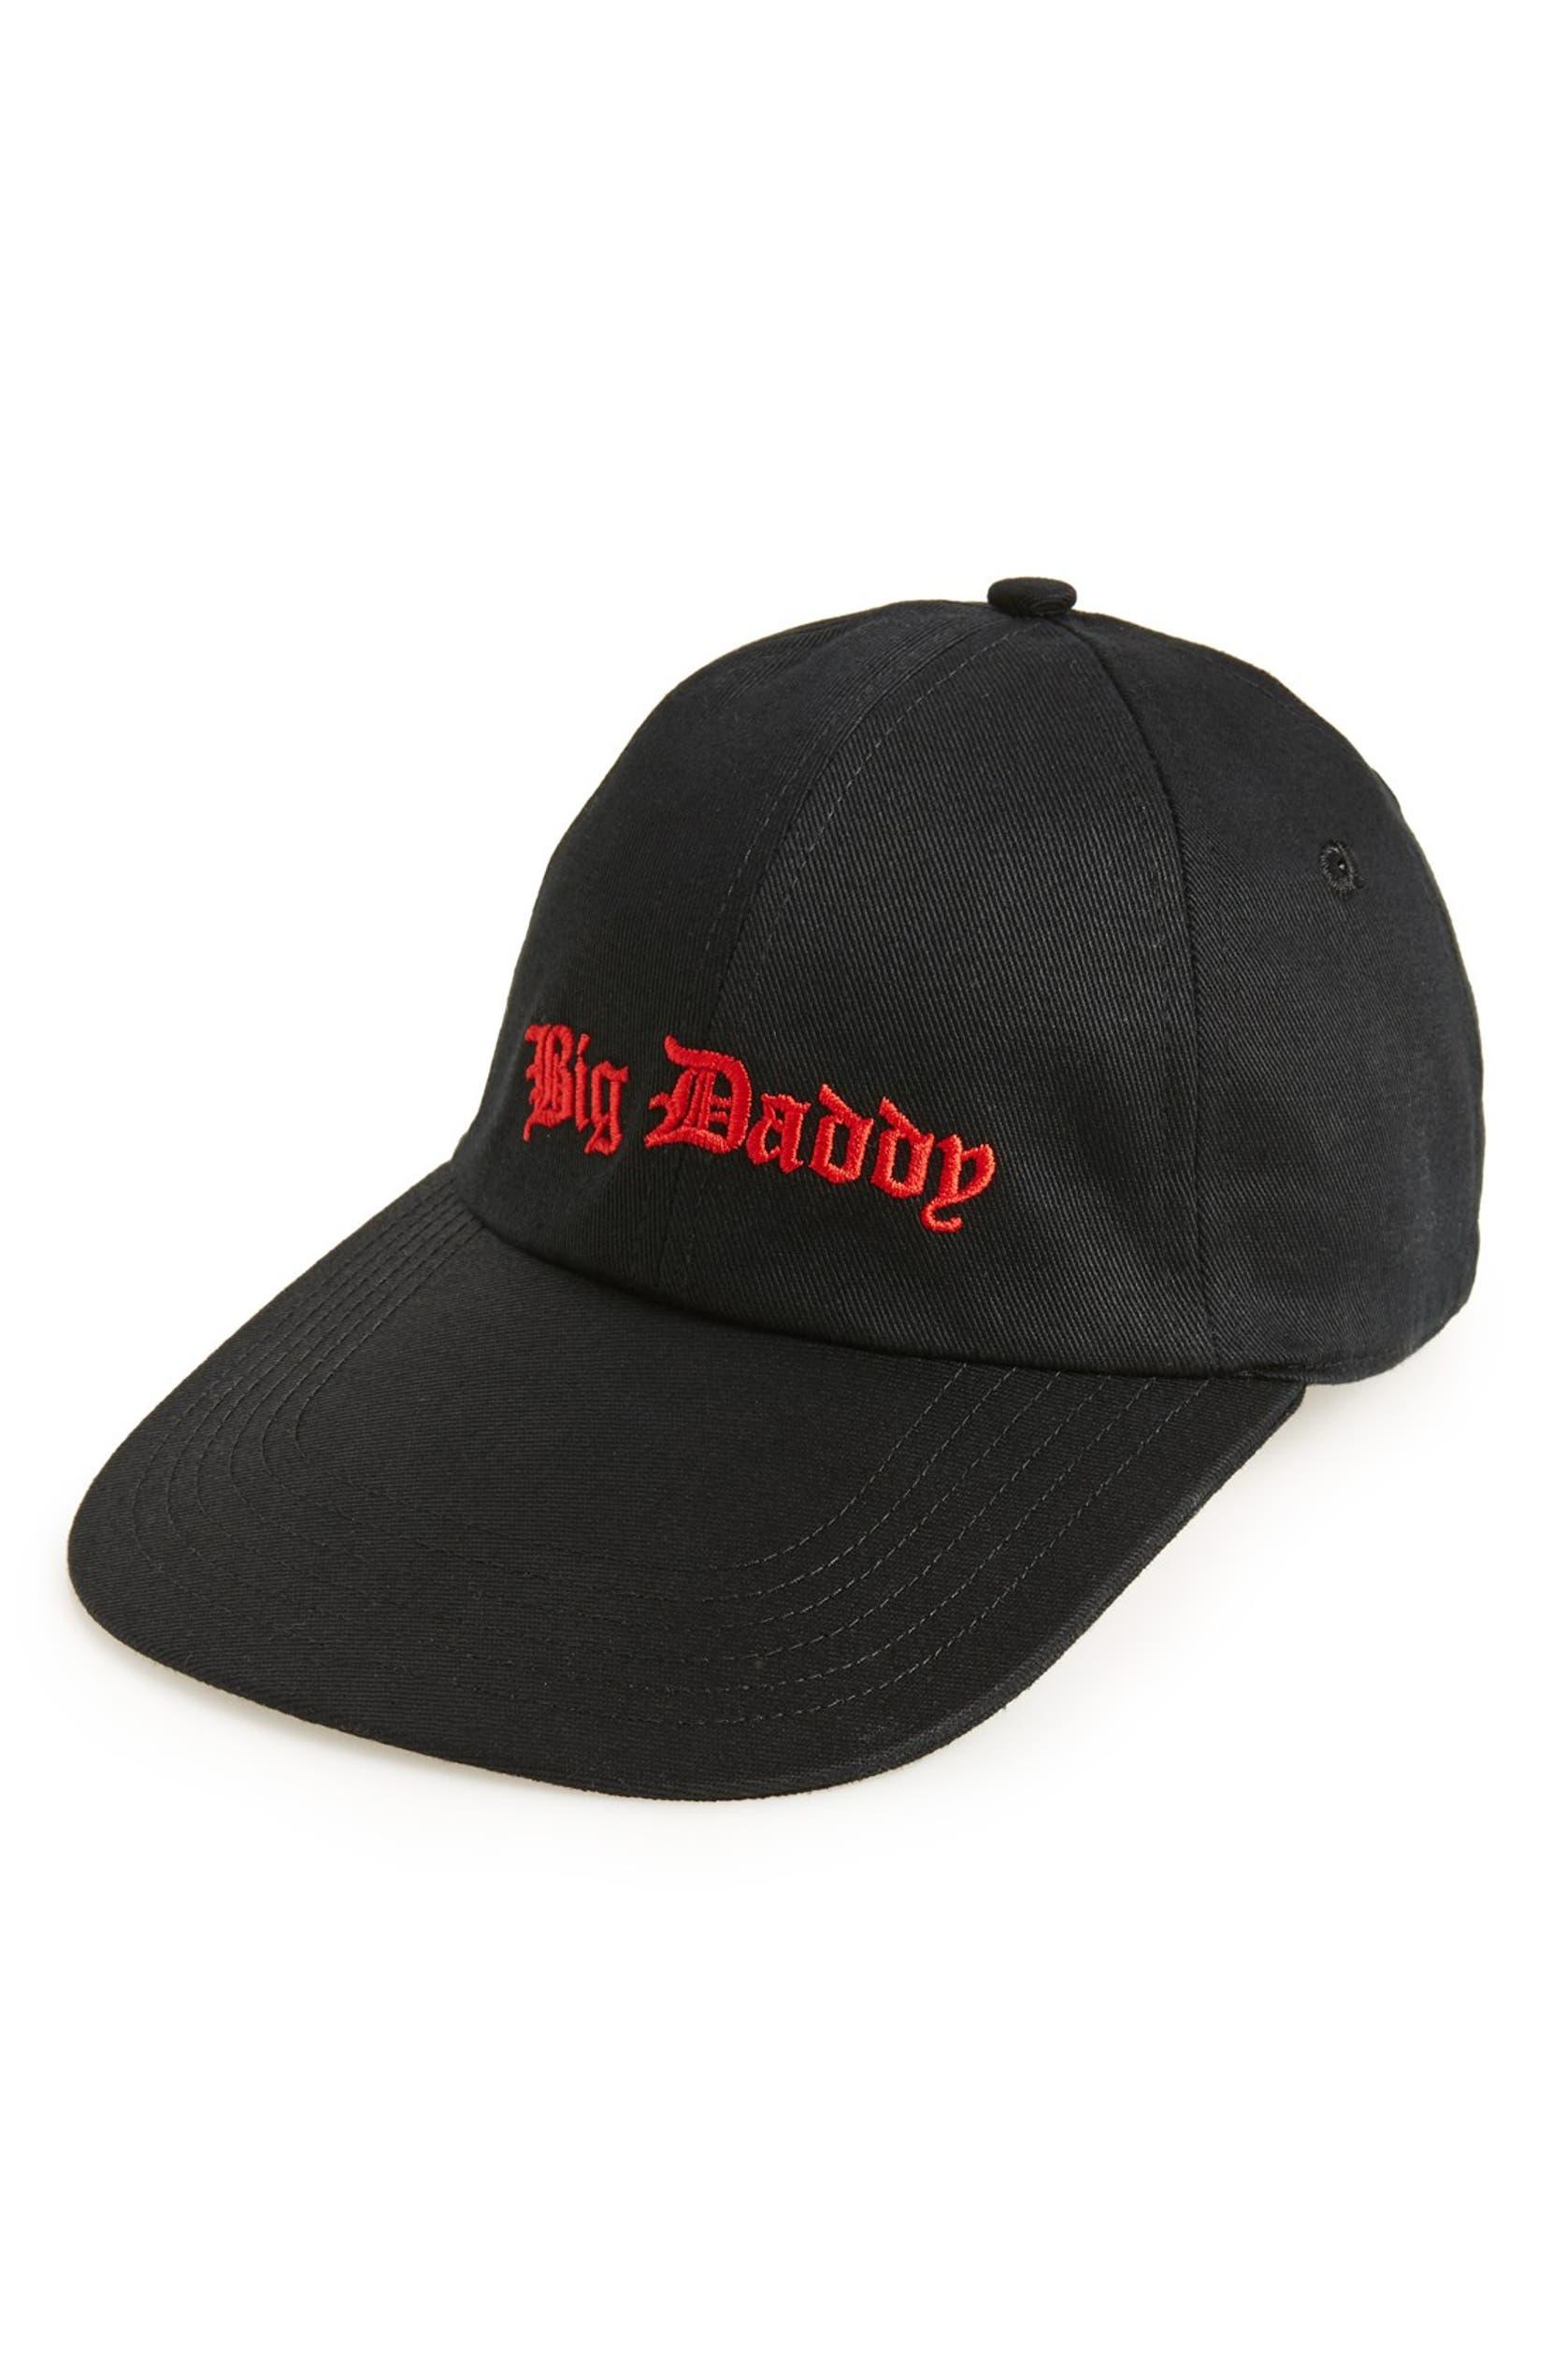 Vetements Big Daddy Cap Nordstrom